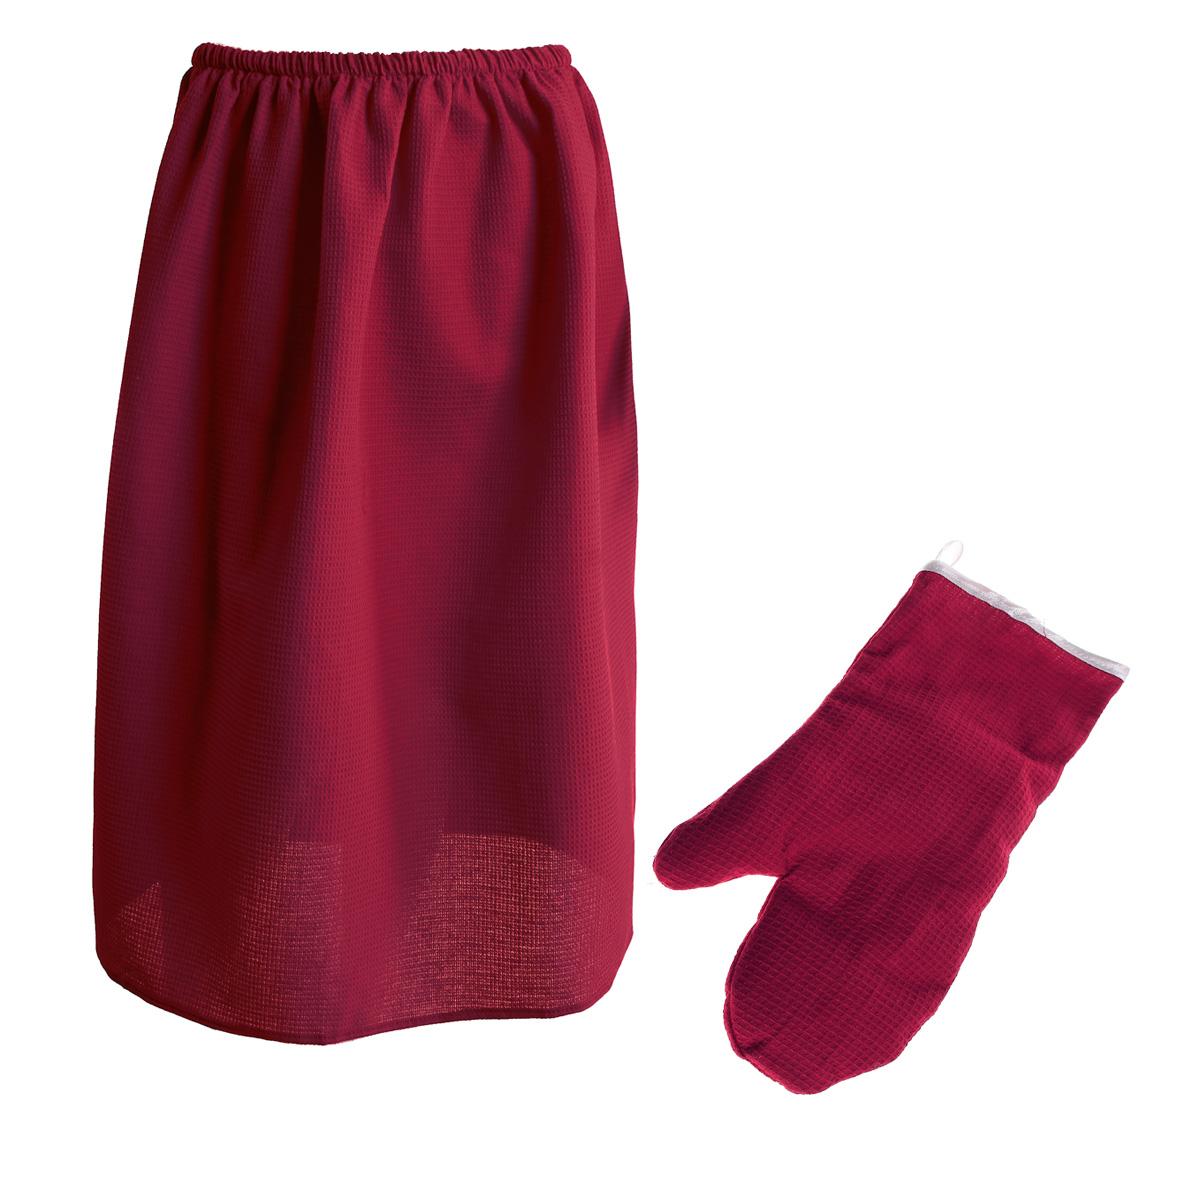 """Комплект для бани и сауны """"Банные штучки"""" женский, 2 предмета, цвет: бордовый"""